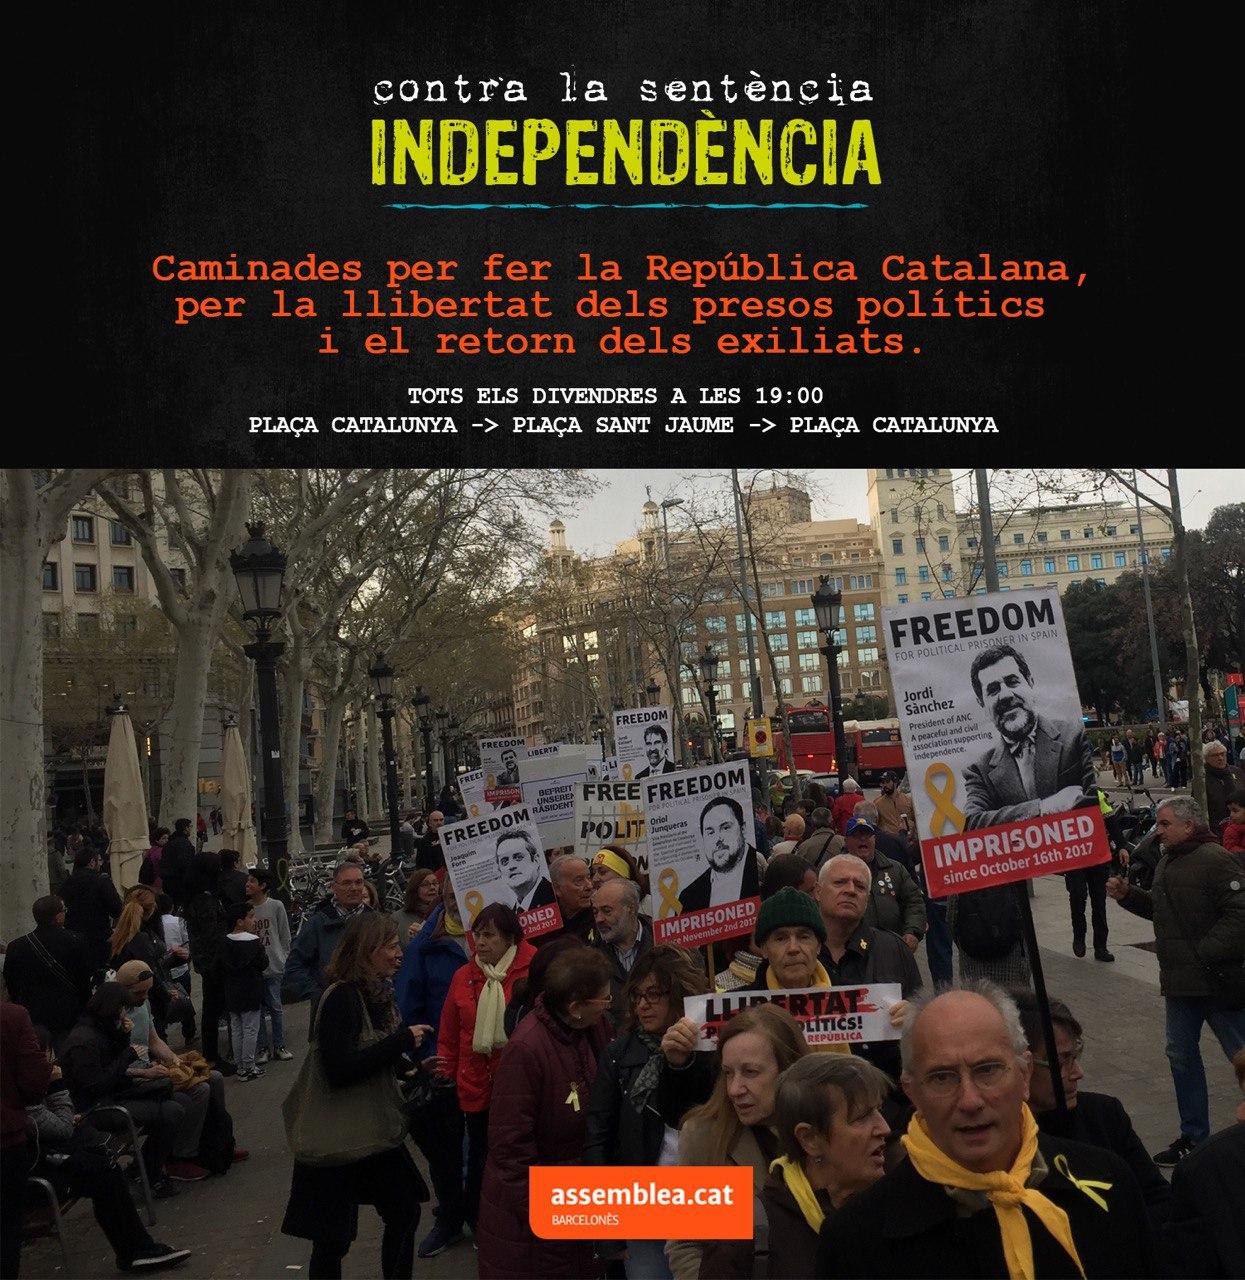 Caminades per fer la República catalana, per la llibertat dels presos polítics i el retorn dels exiliats